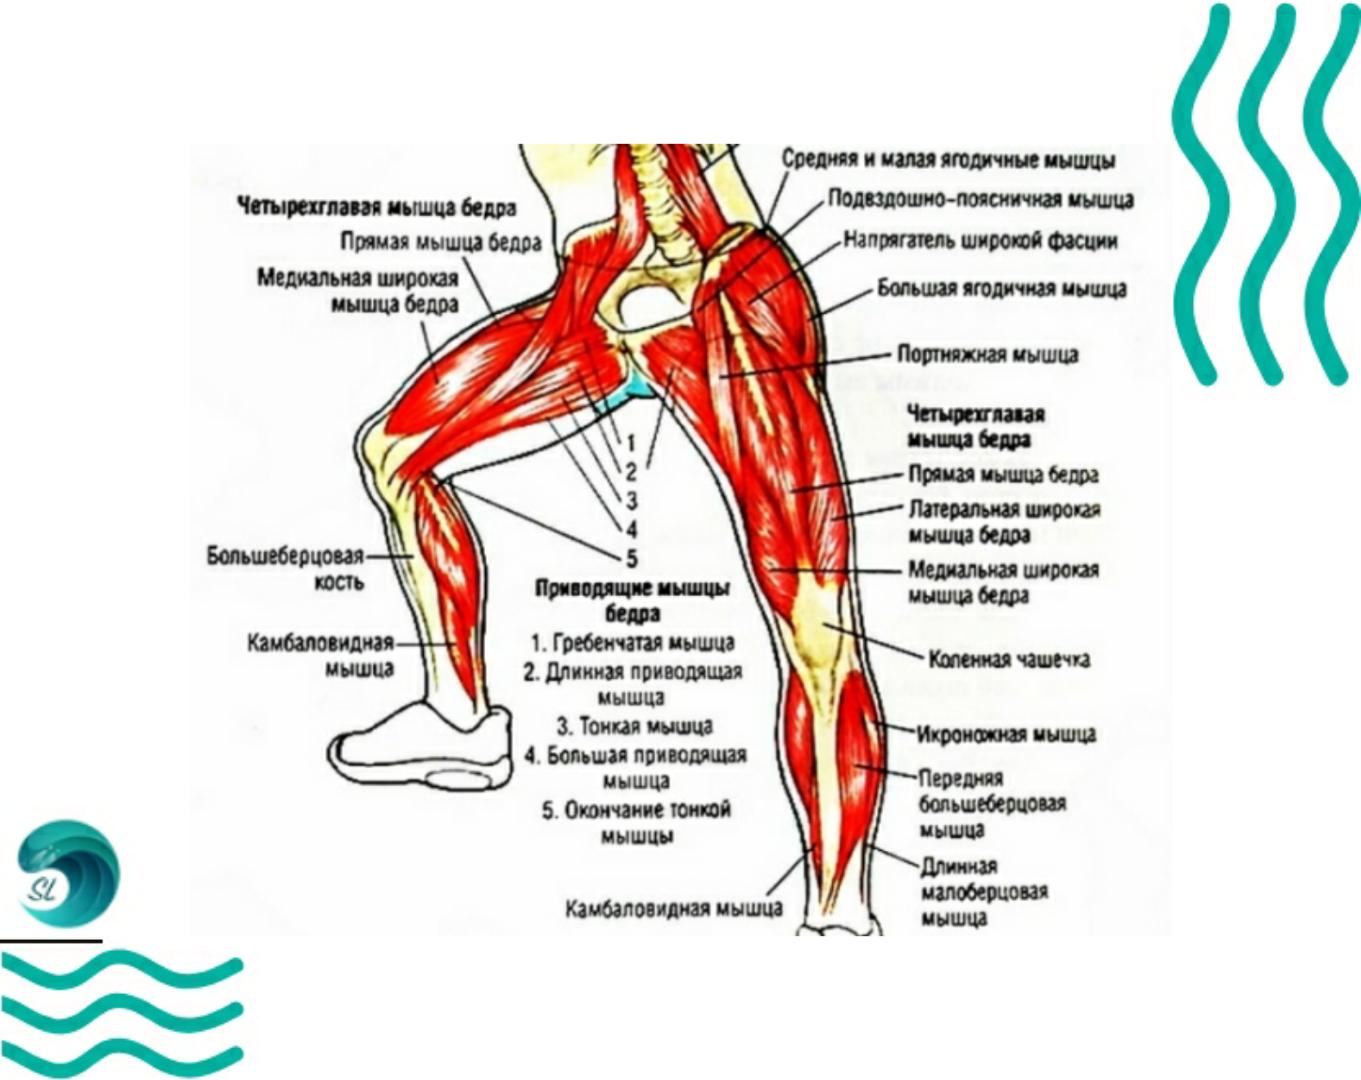 Мышцы ног при плавание брассом